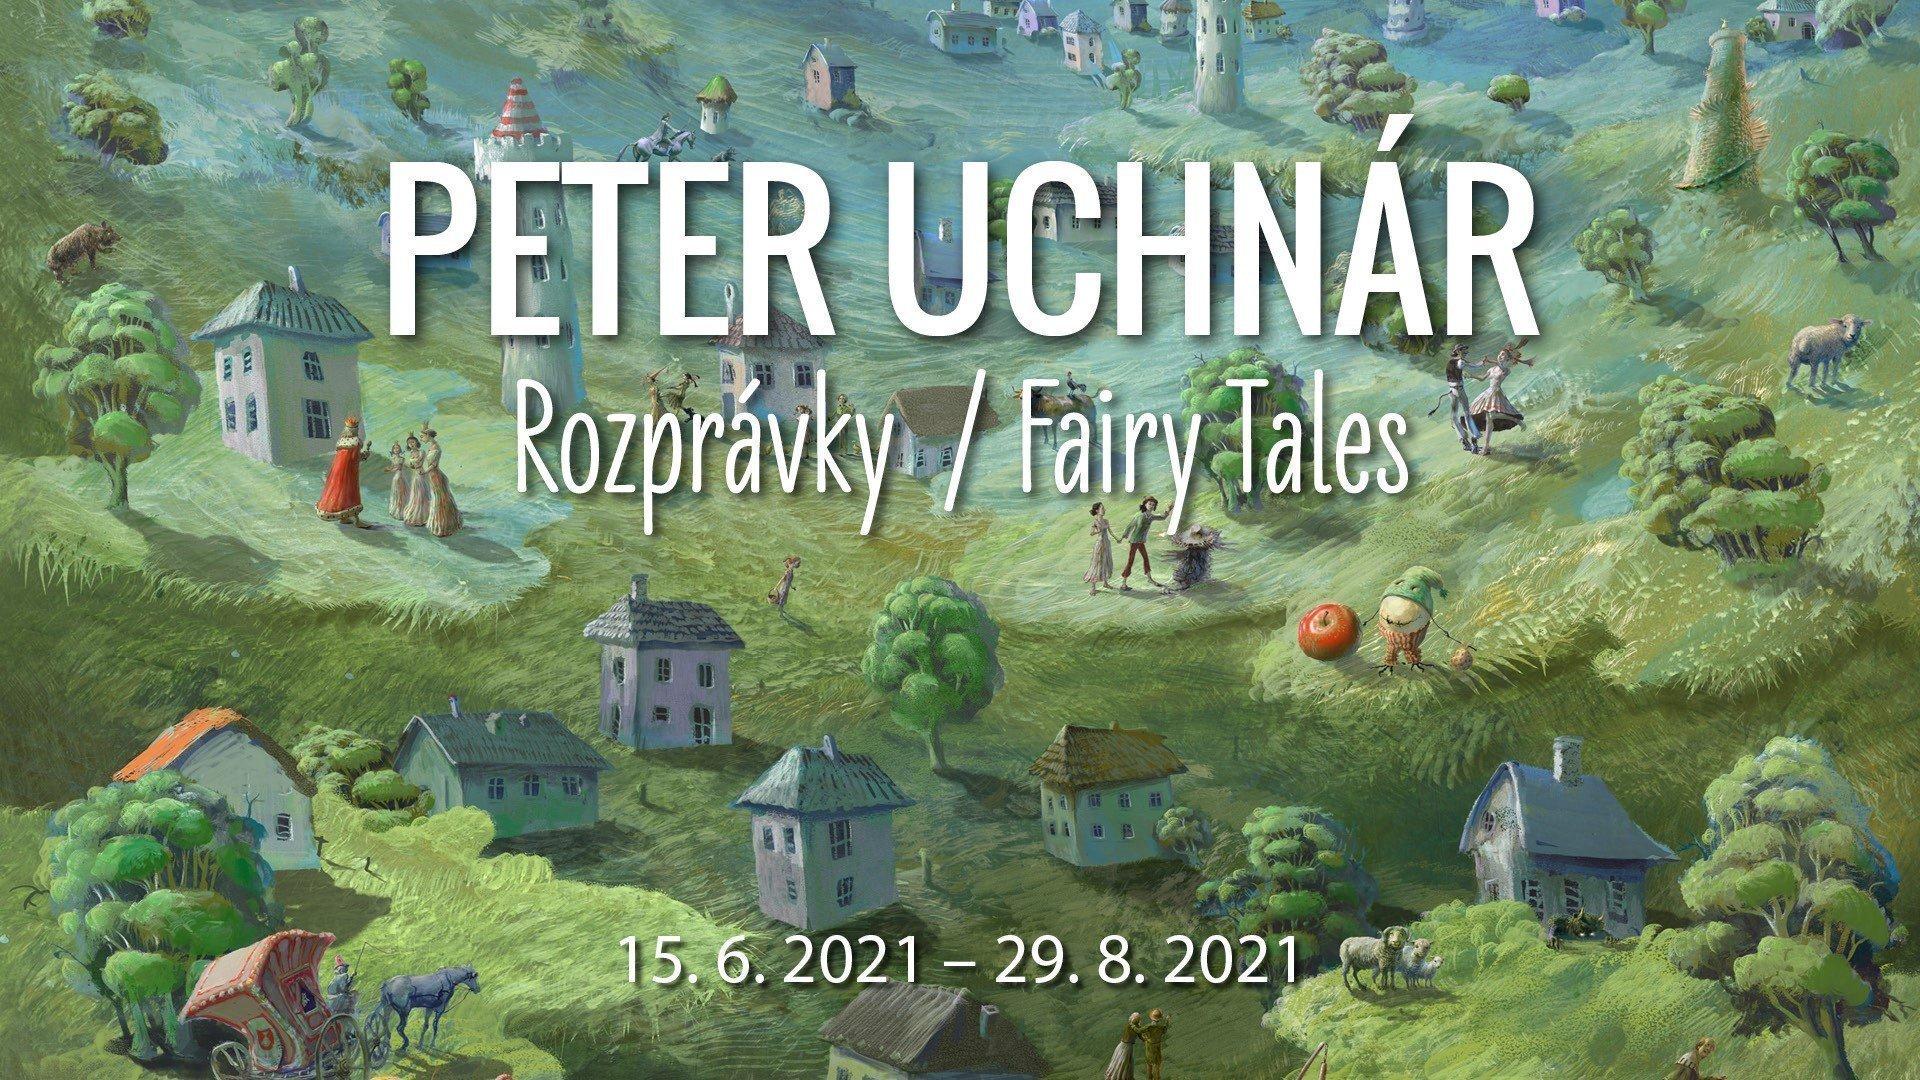 Peter Uchnár - Fairy Tales